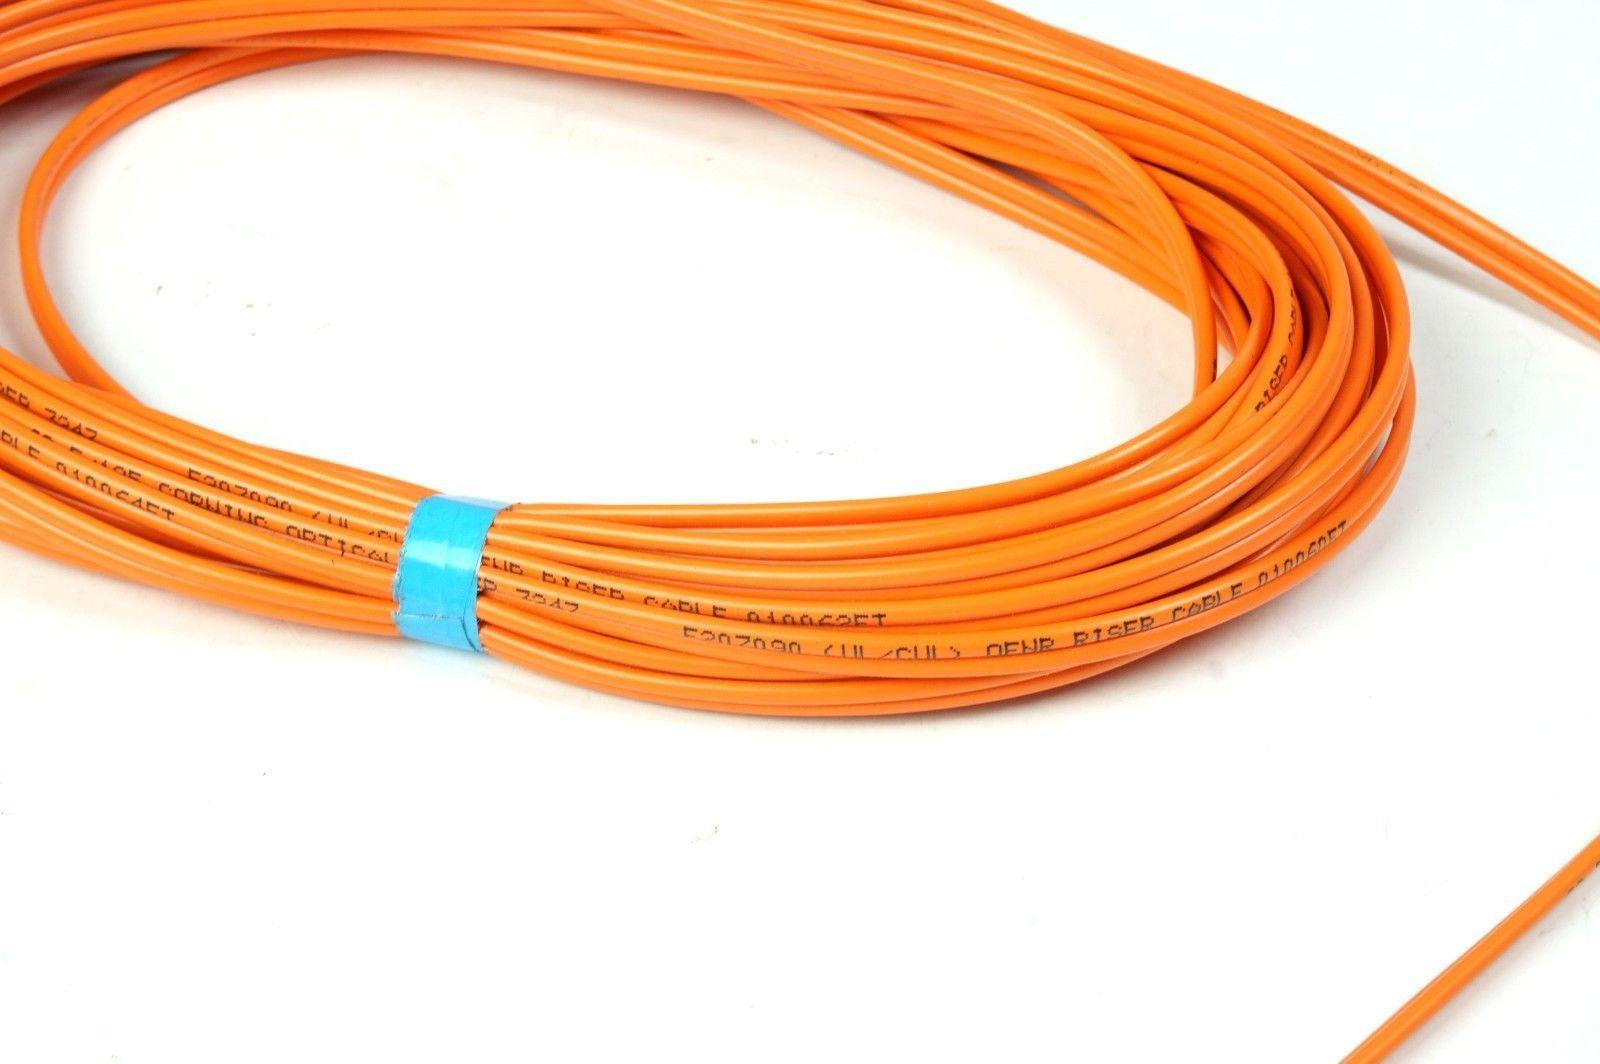 Corning Multimode E207090 62.5/125 UL/CUL and similar items